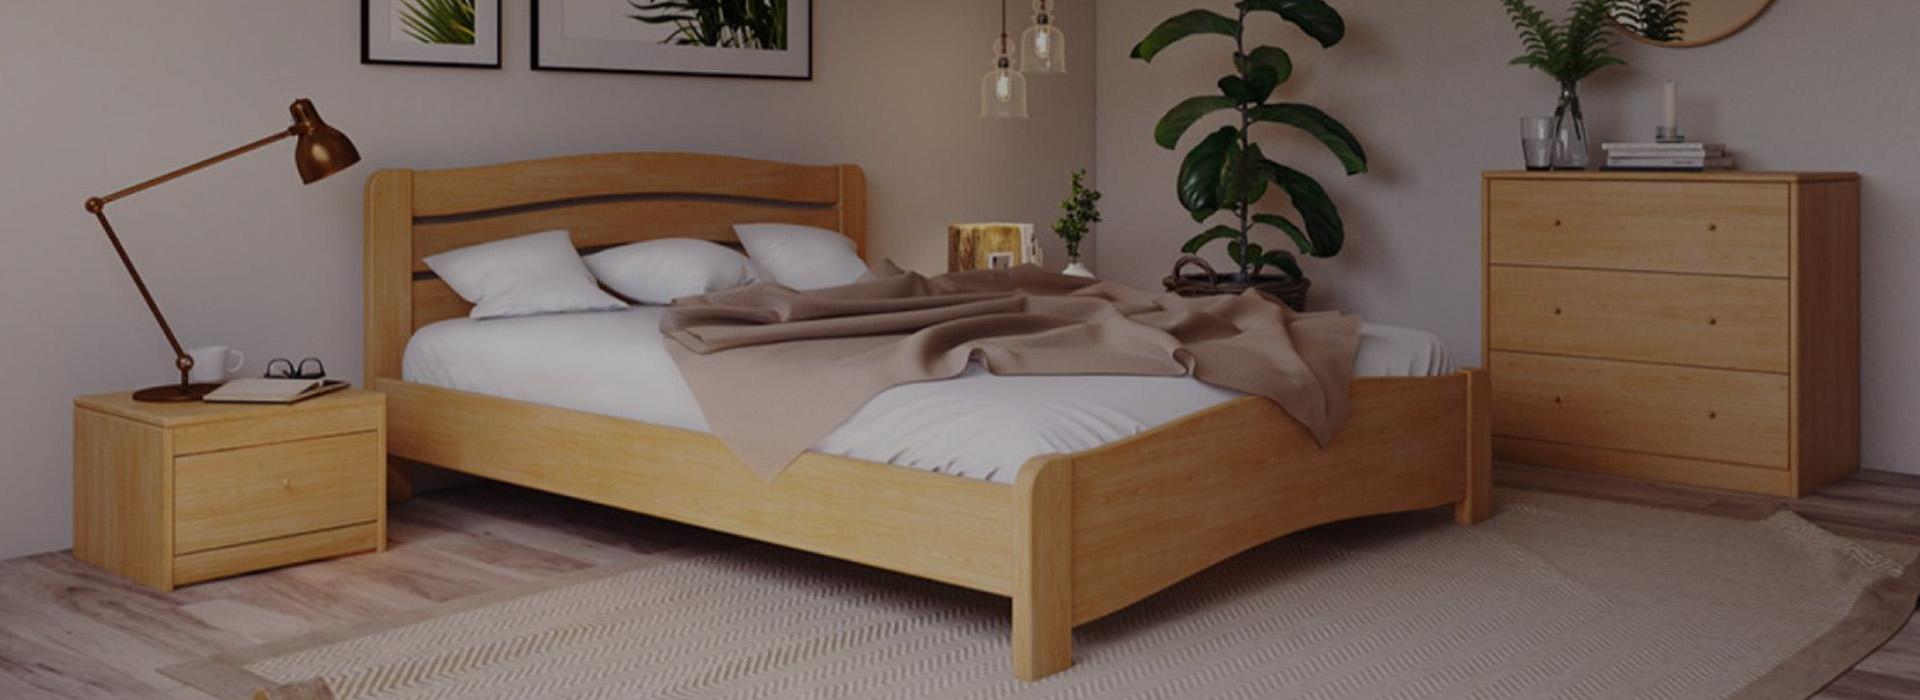 Кровати TOPART